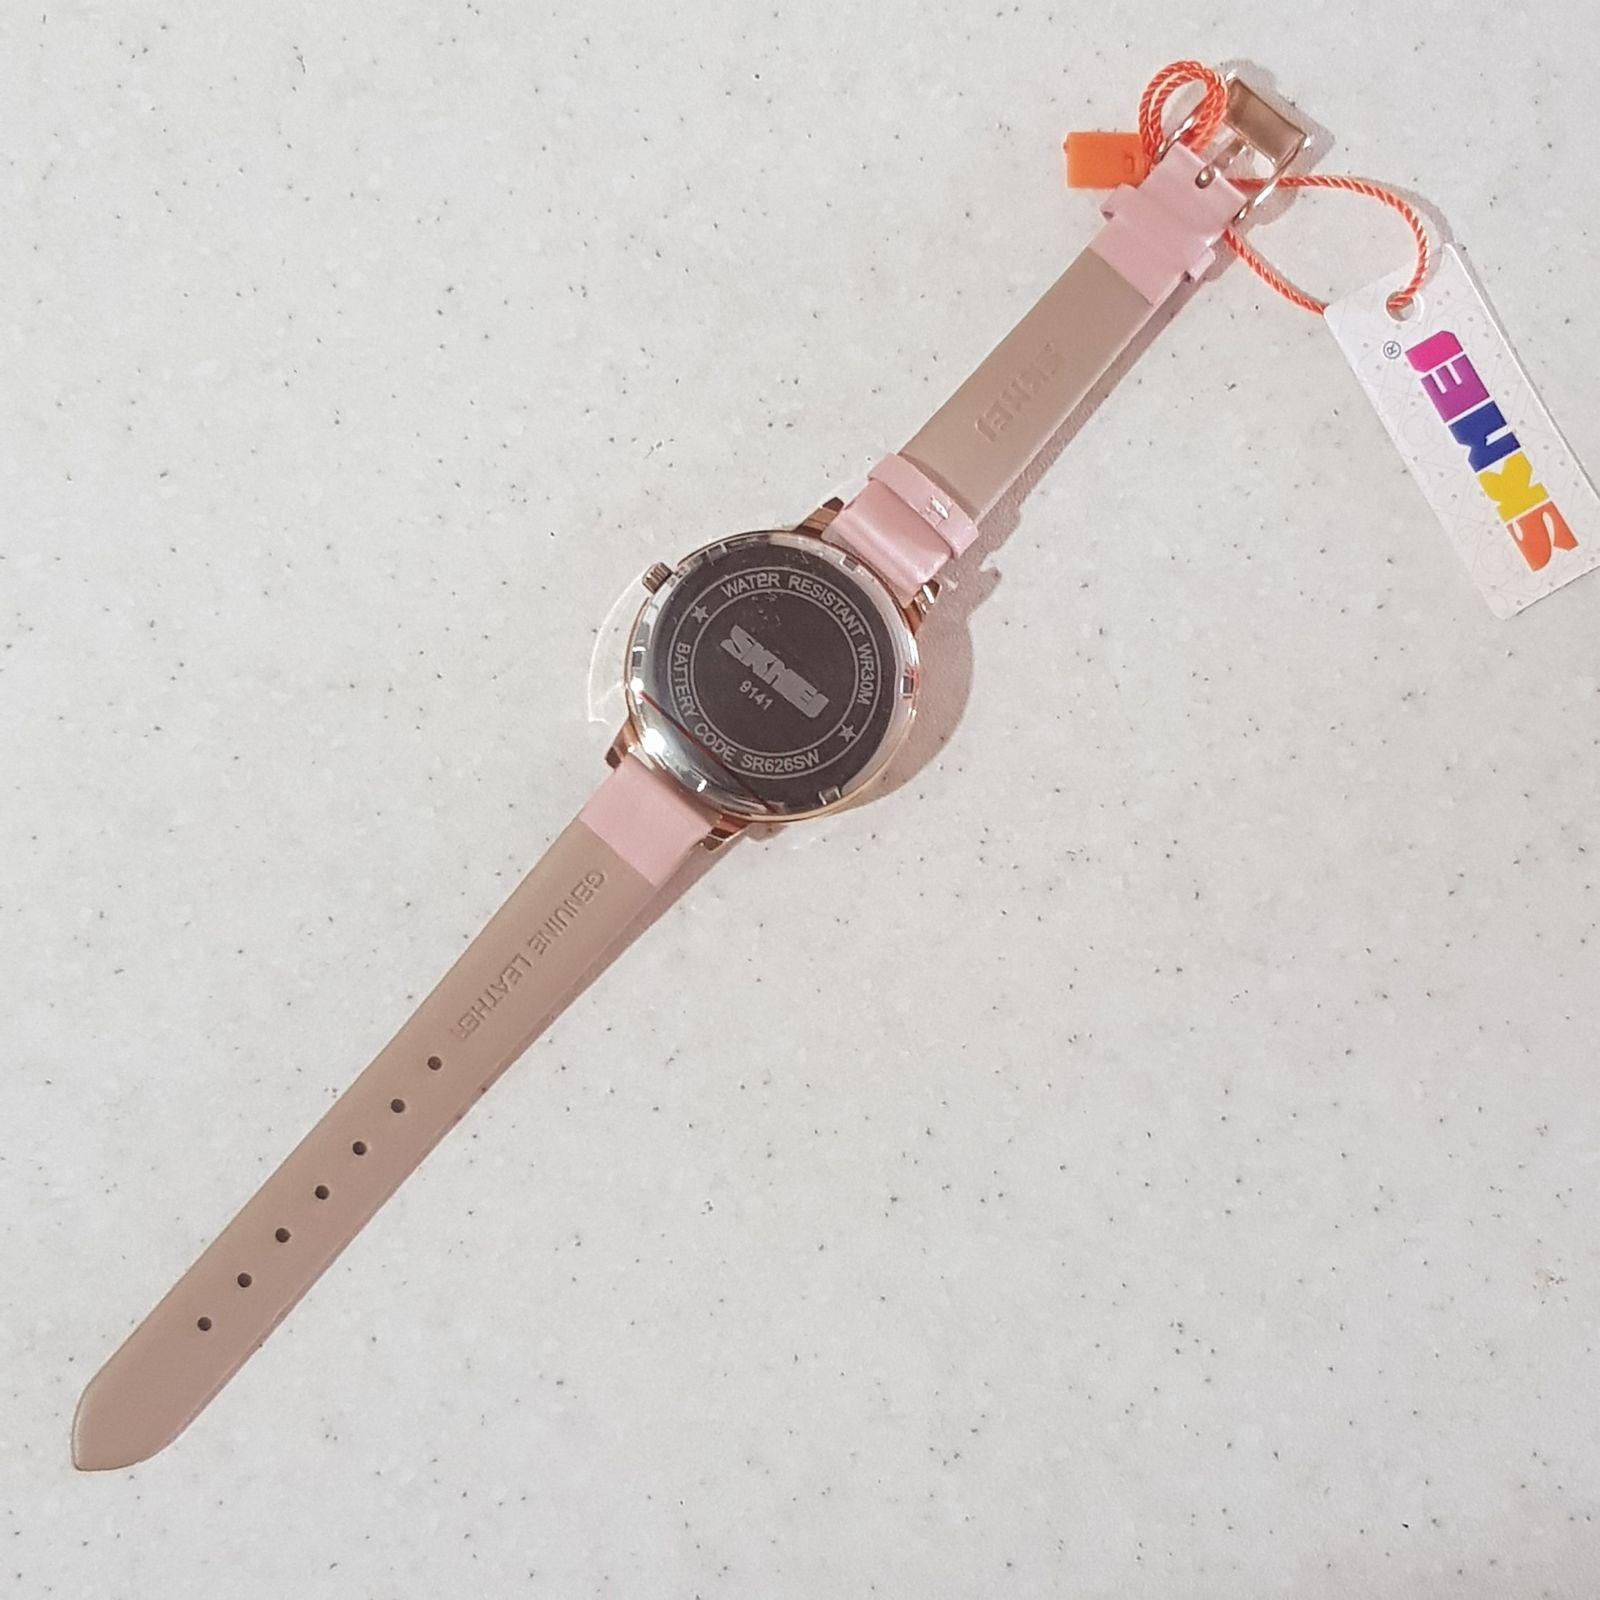 ساعت مچی عقربه ای زنانه اسکمی مدل 41-91 کد 05 -  - 6